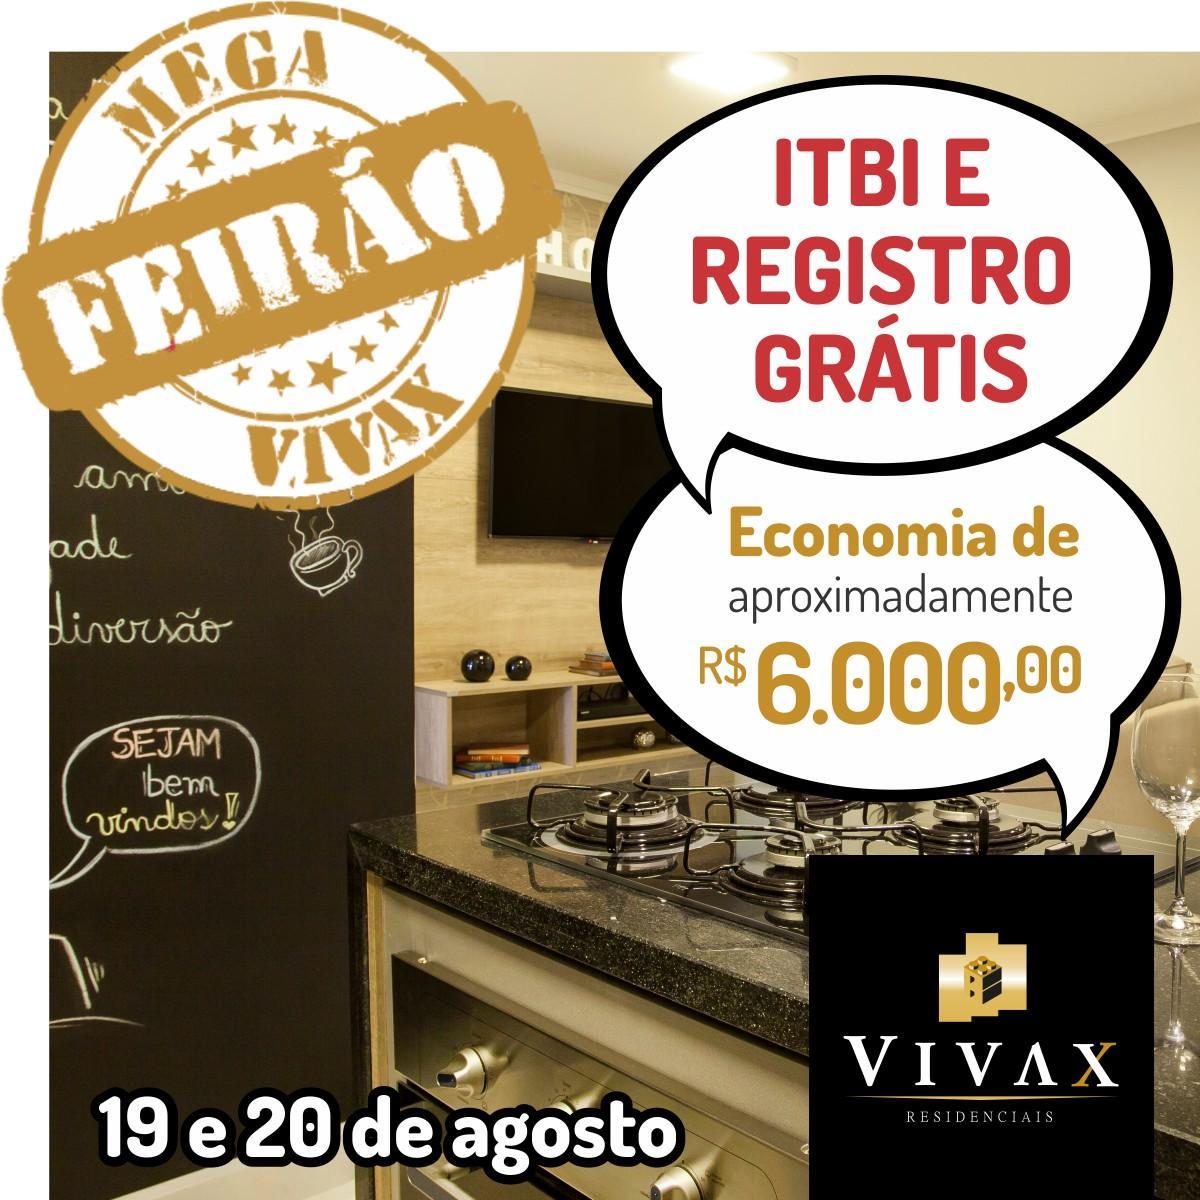 Mega Feirão Vivax - ITBI e registro grátis